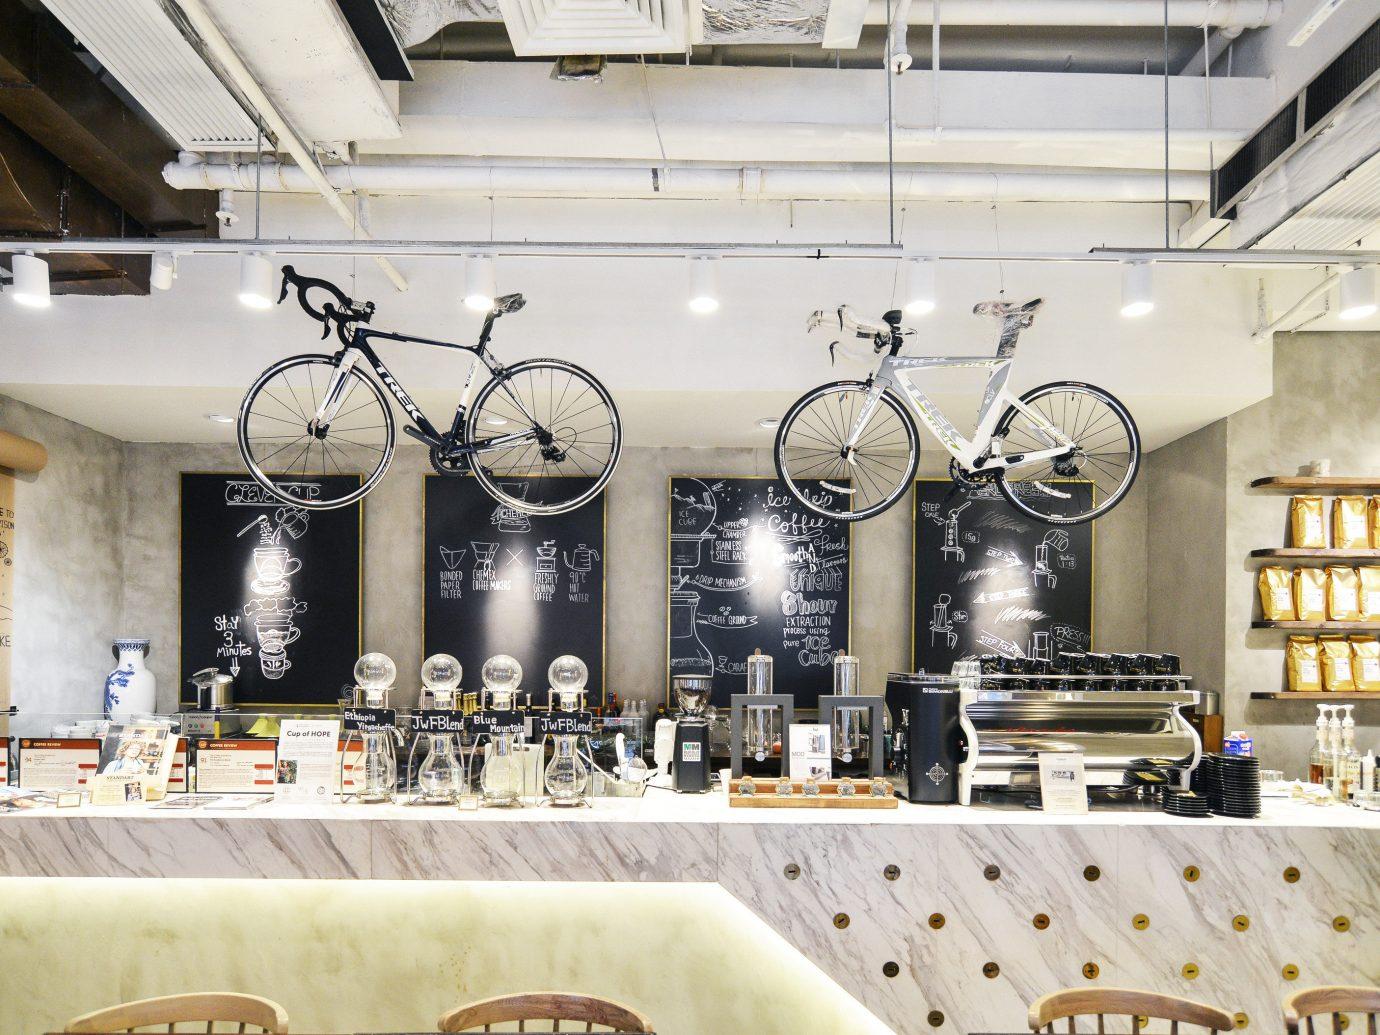 Food + Drink Offbeat Travel Trends indoor interior design restaurant ceiling